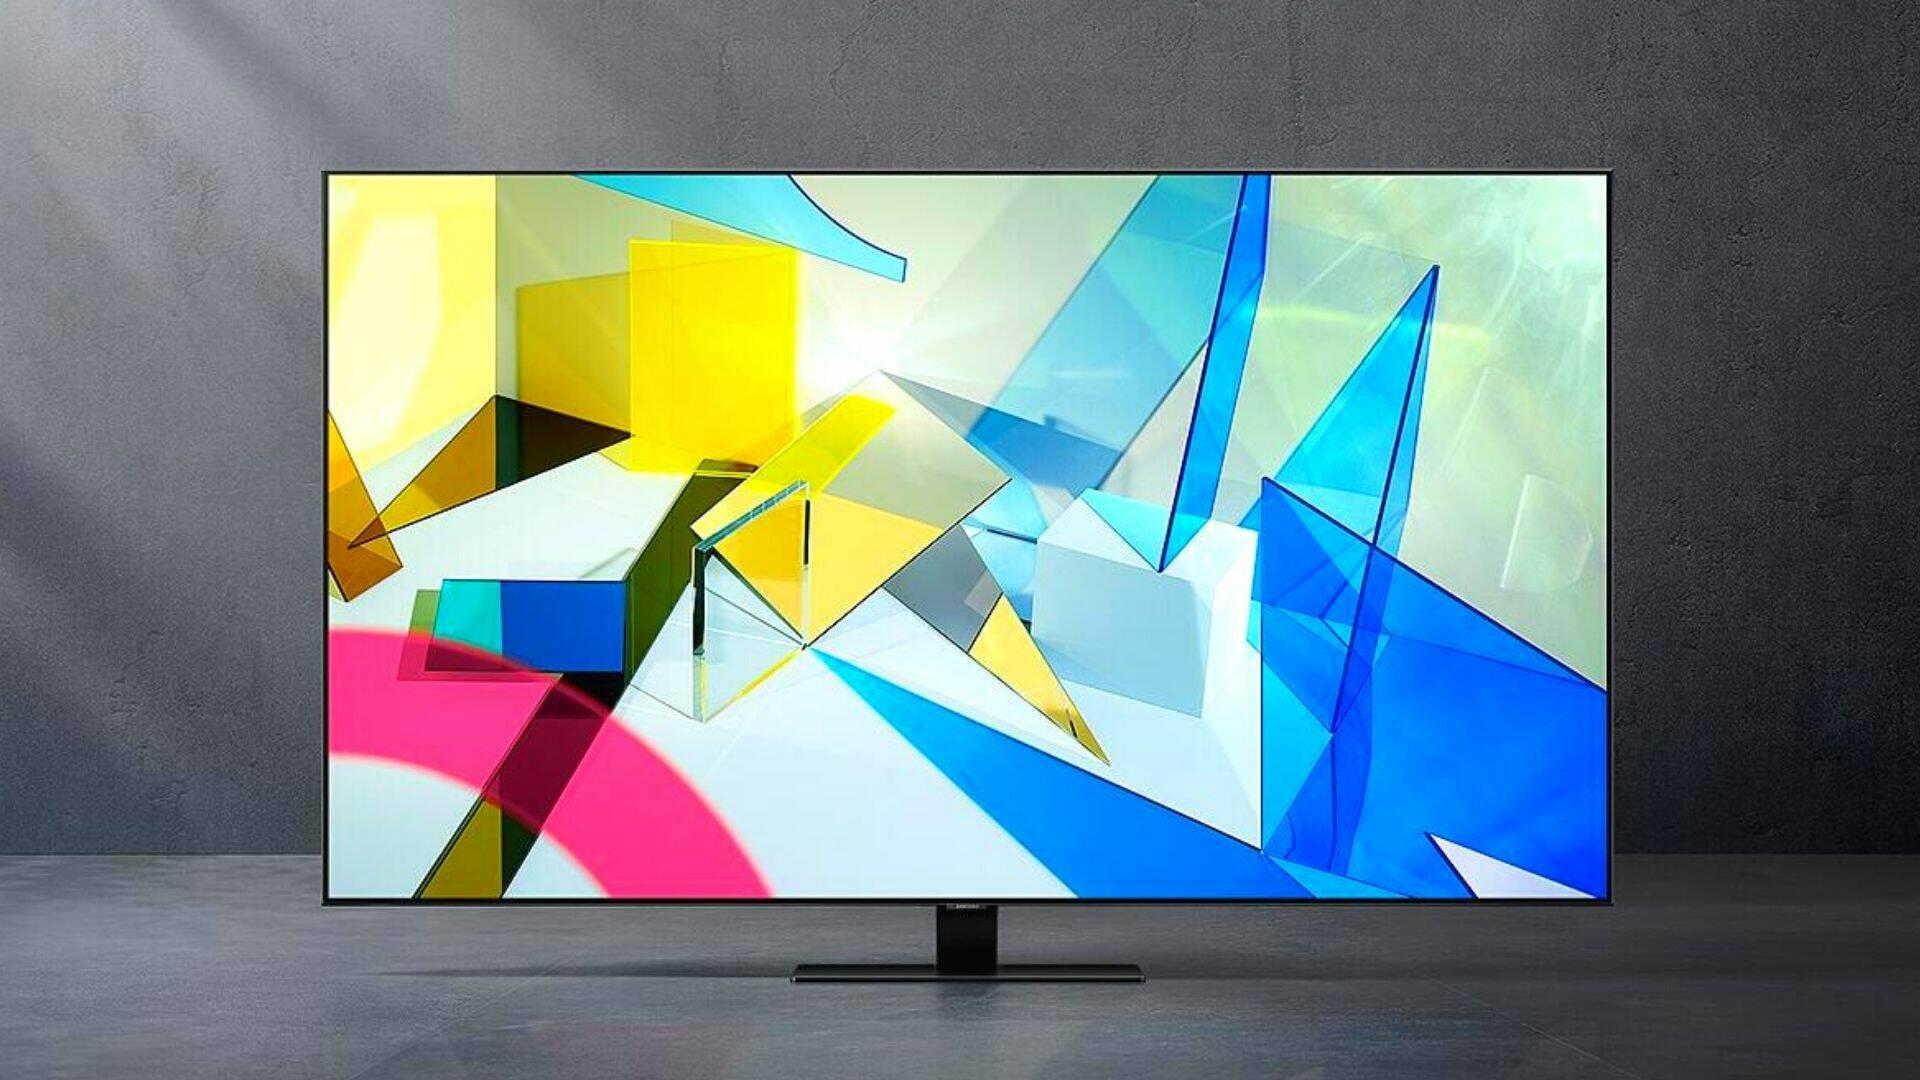 smart tv samsung QE55Q80TATXZT